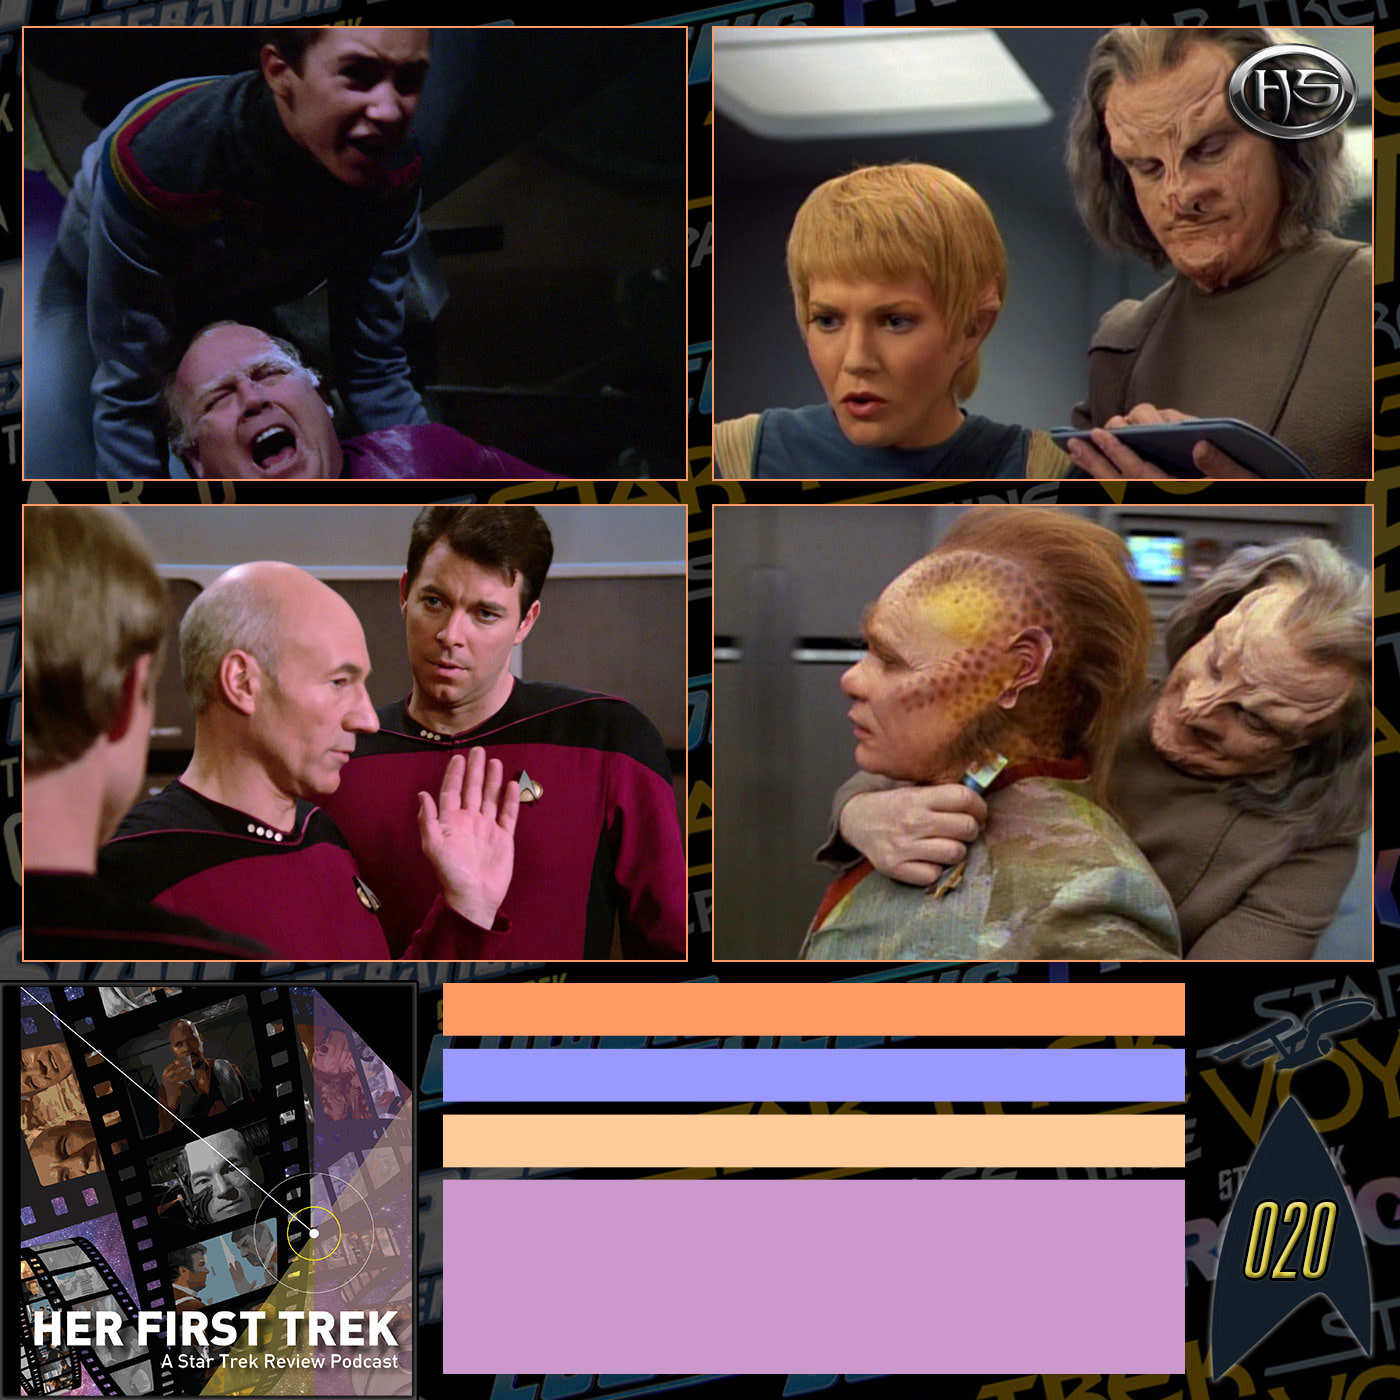 Her First Trek Episode 20